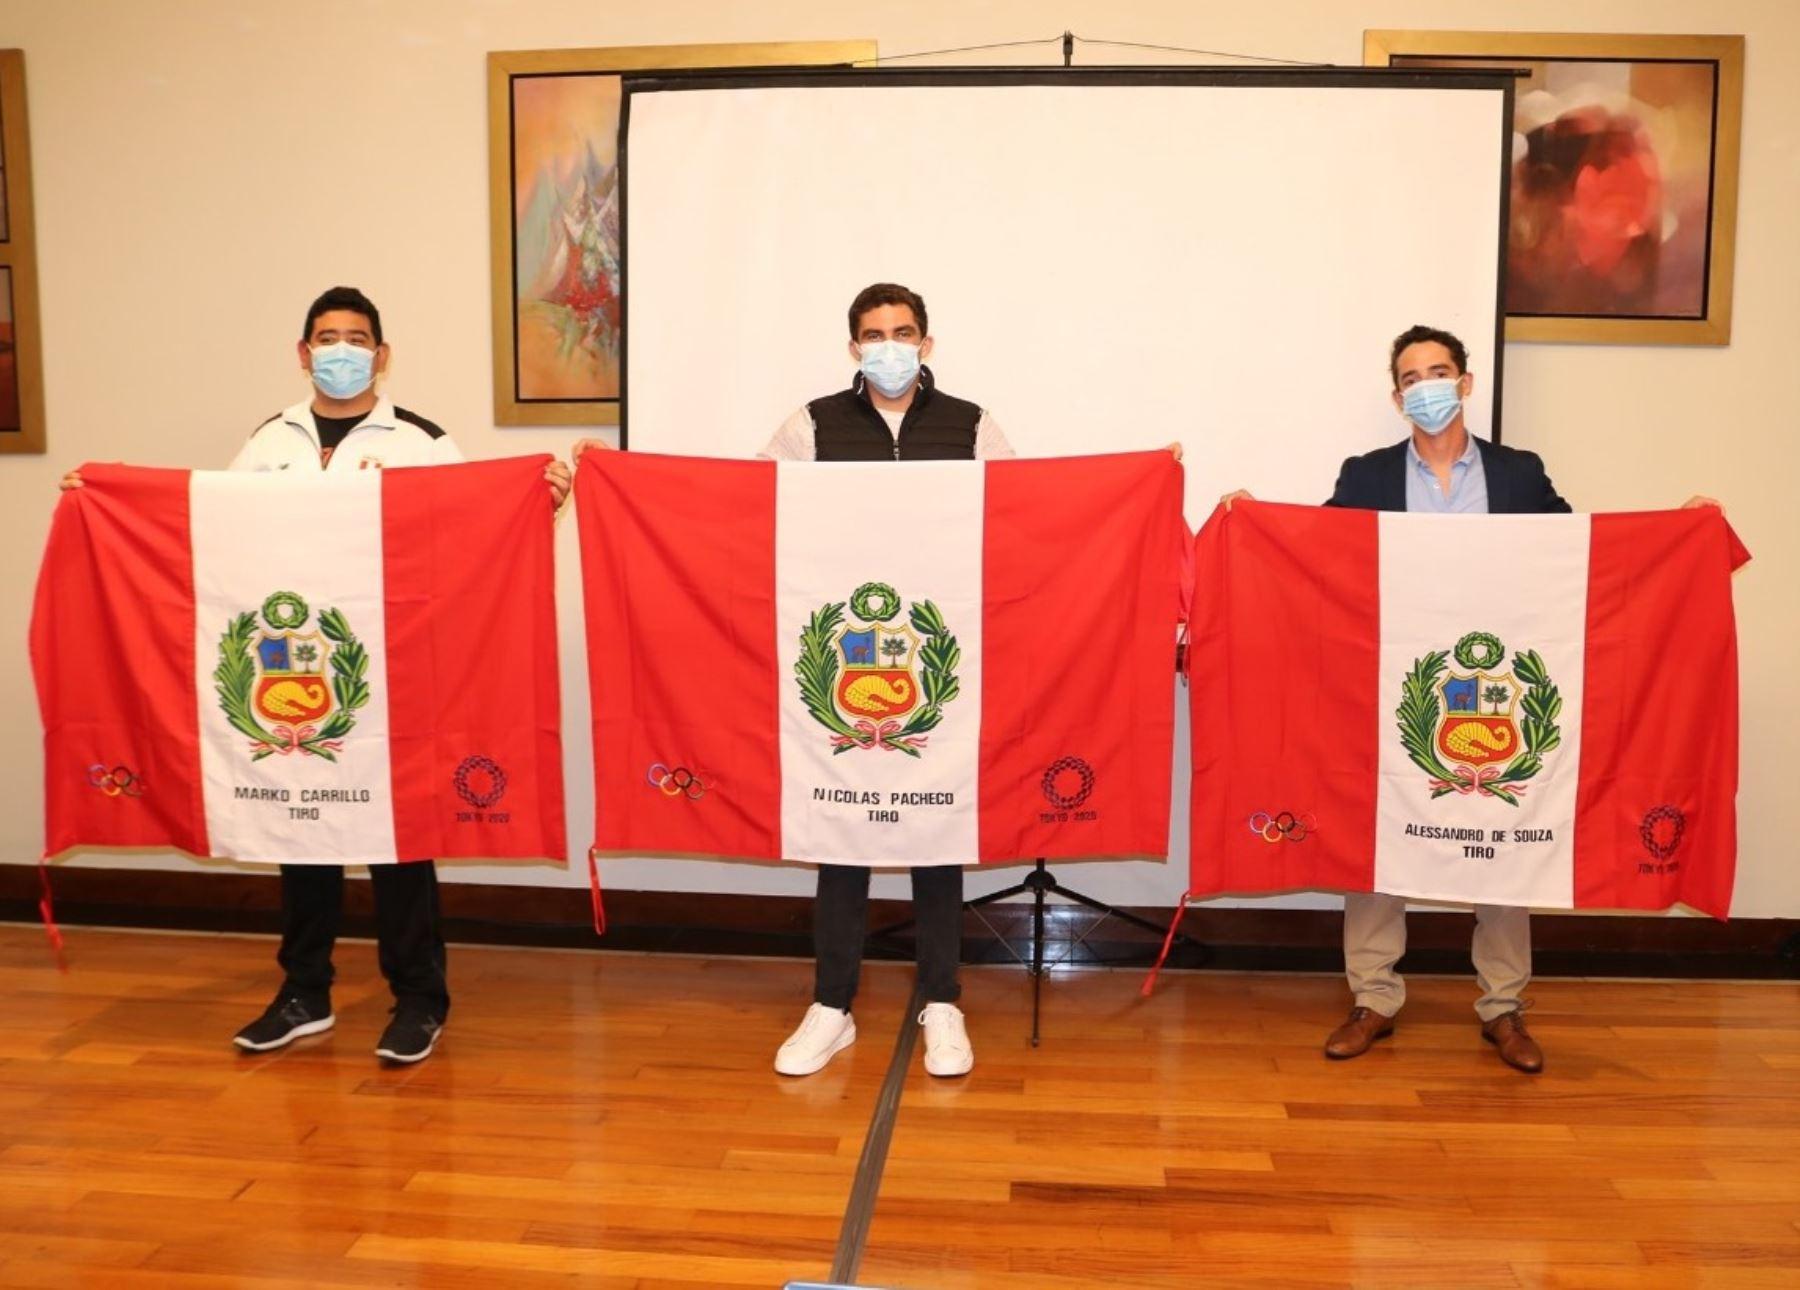 Nicolás Pacheco, Marko Carrillo y Alessandro de Souza reciben la Bandera peruana que harán flamear en los Juegos Olímpicos de Tokio 2020.